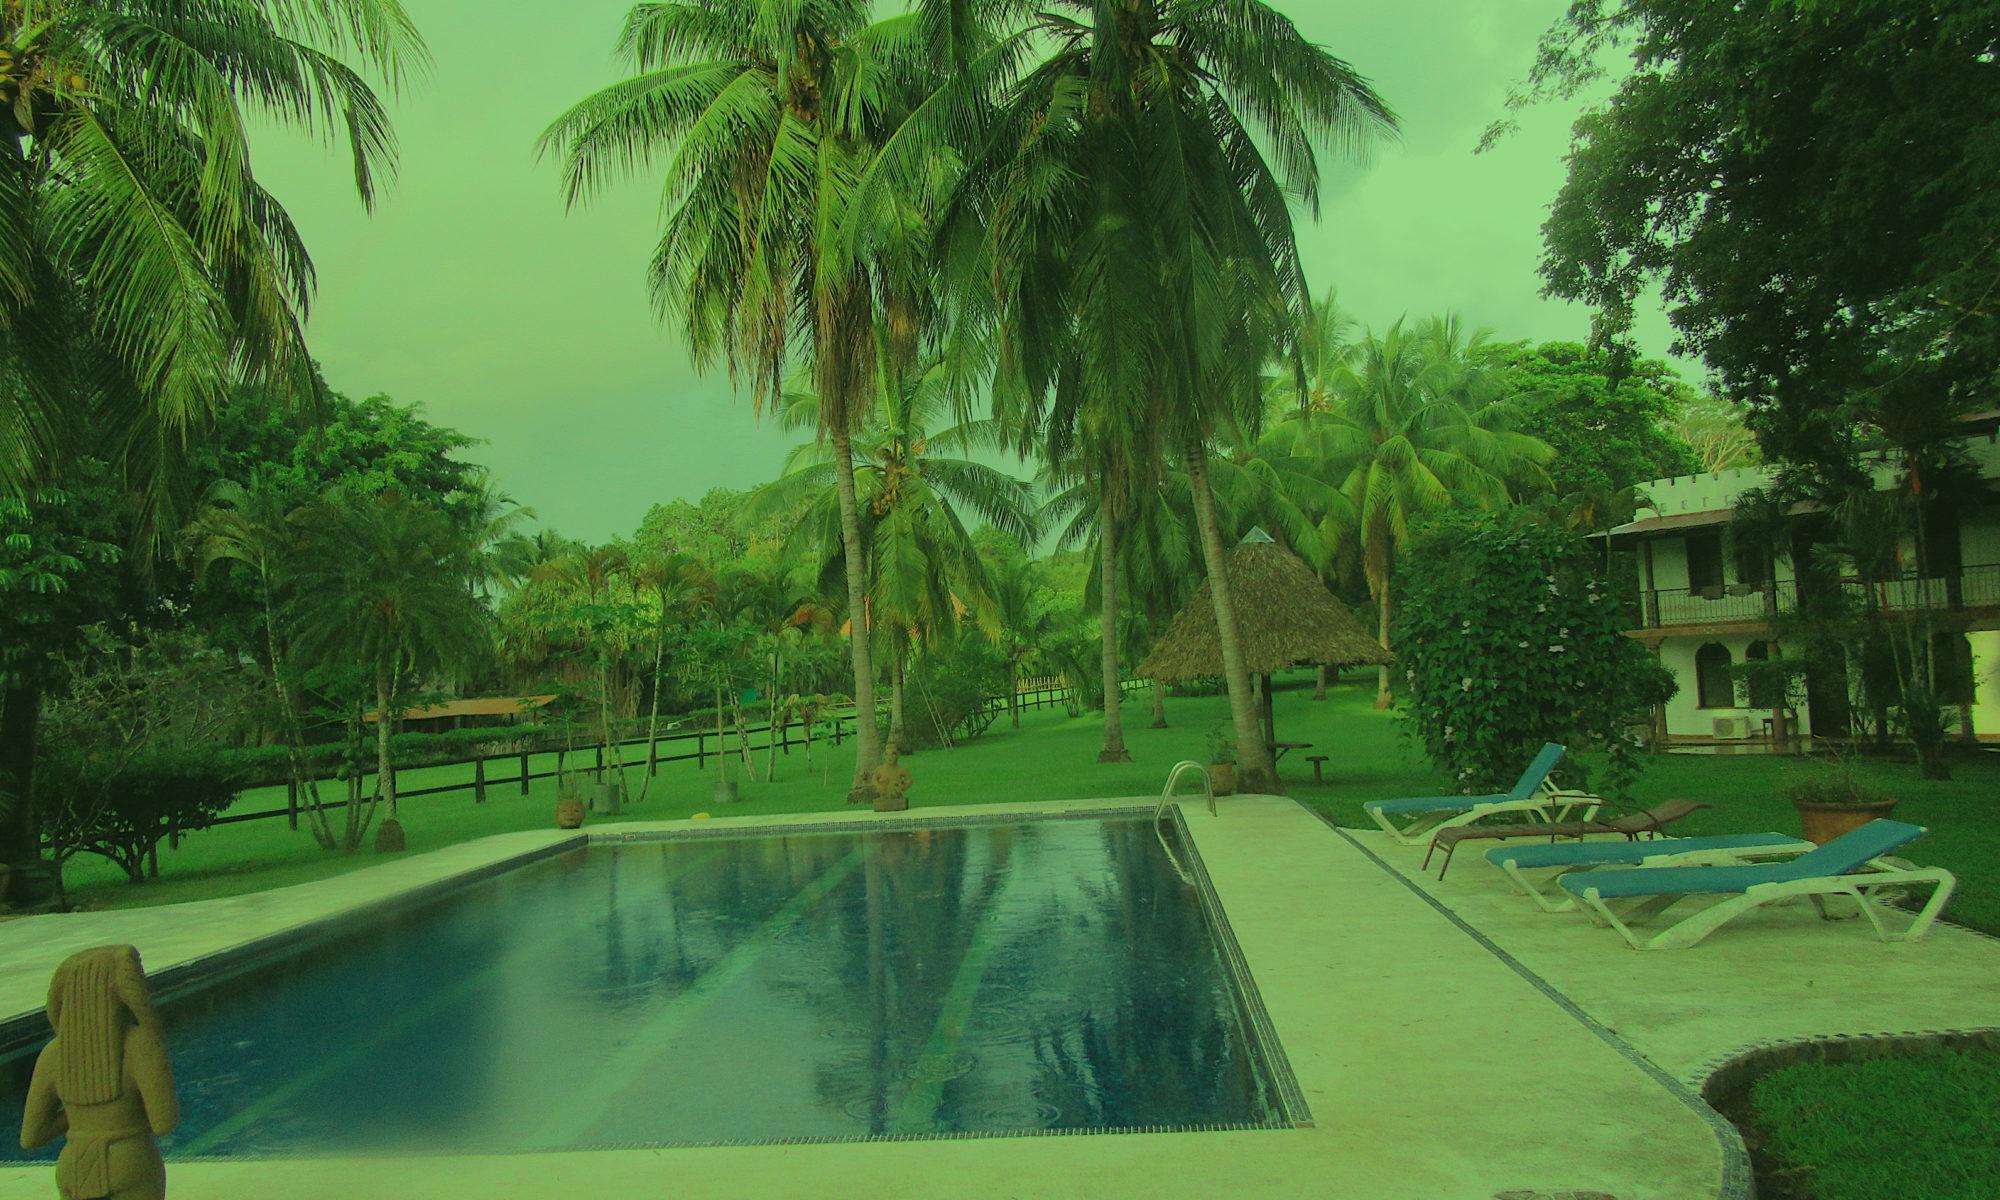 Hotel Costa Rica Samara